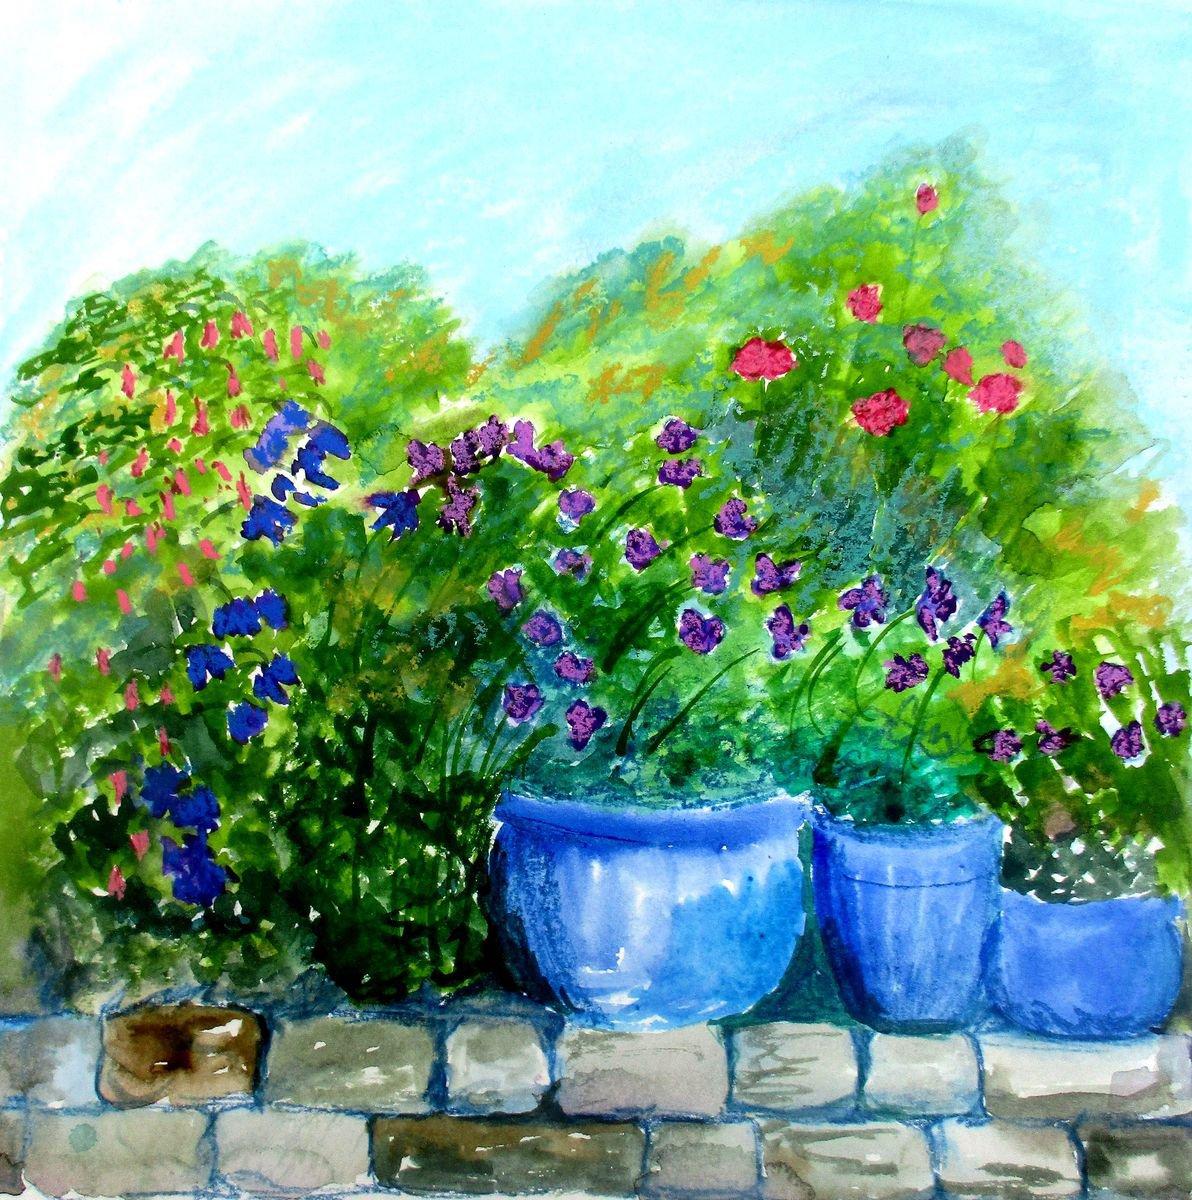 Midsummer Flowers By Amanda Horvath Artfinder